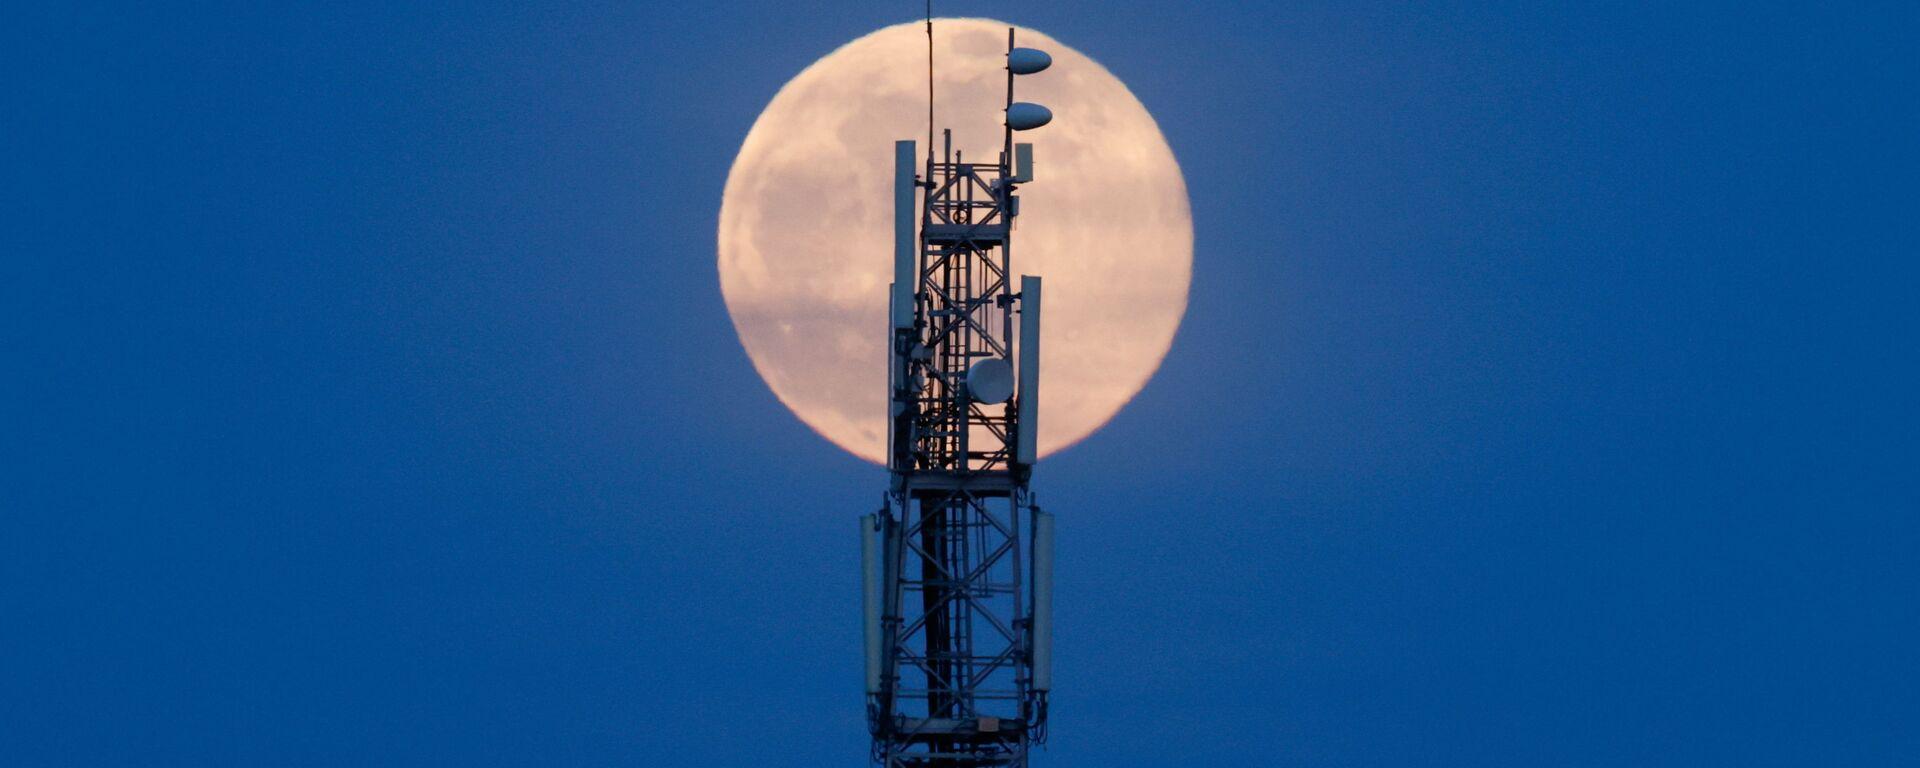 Pełnia Księżyca w marcu 2021 roku, Francja - Sputnik Polska, 1920, 30.06.2021